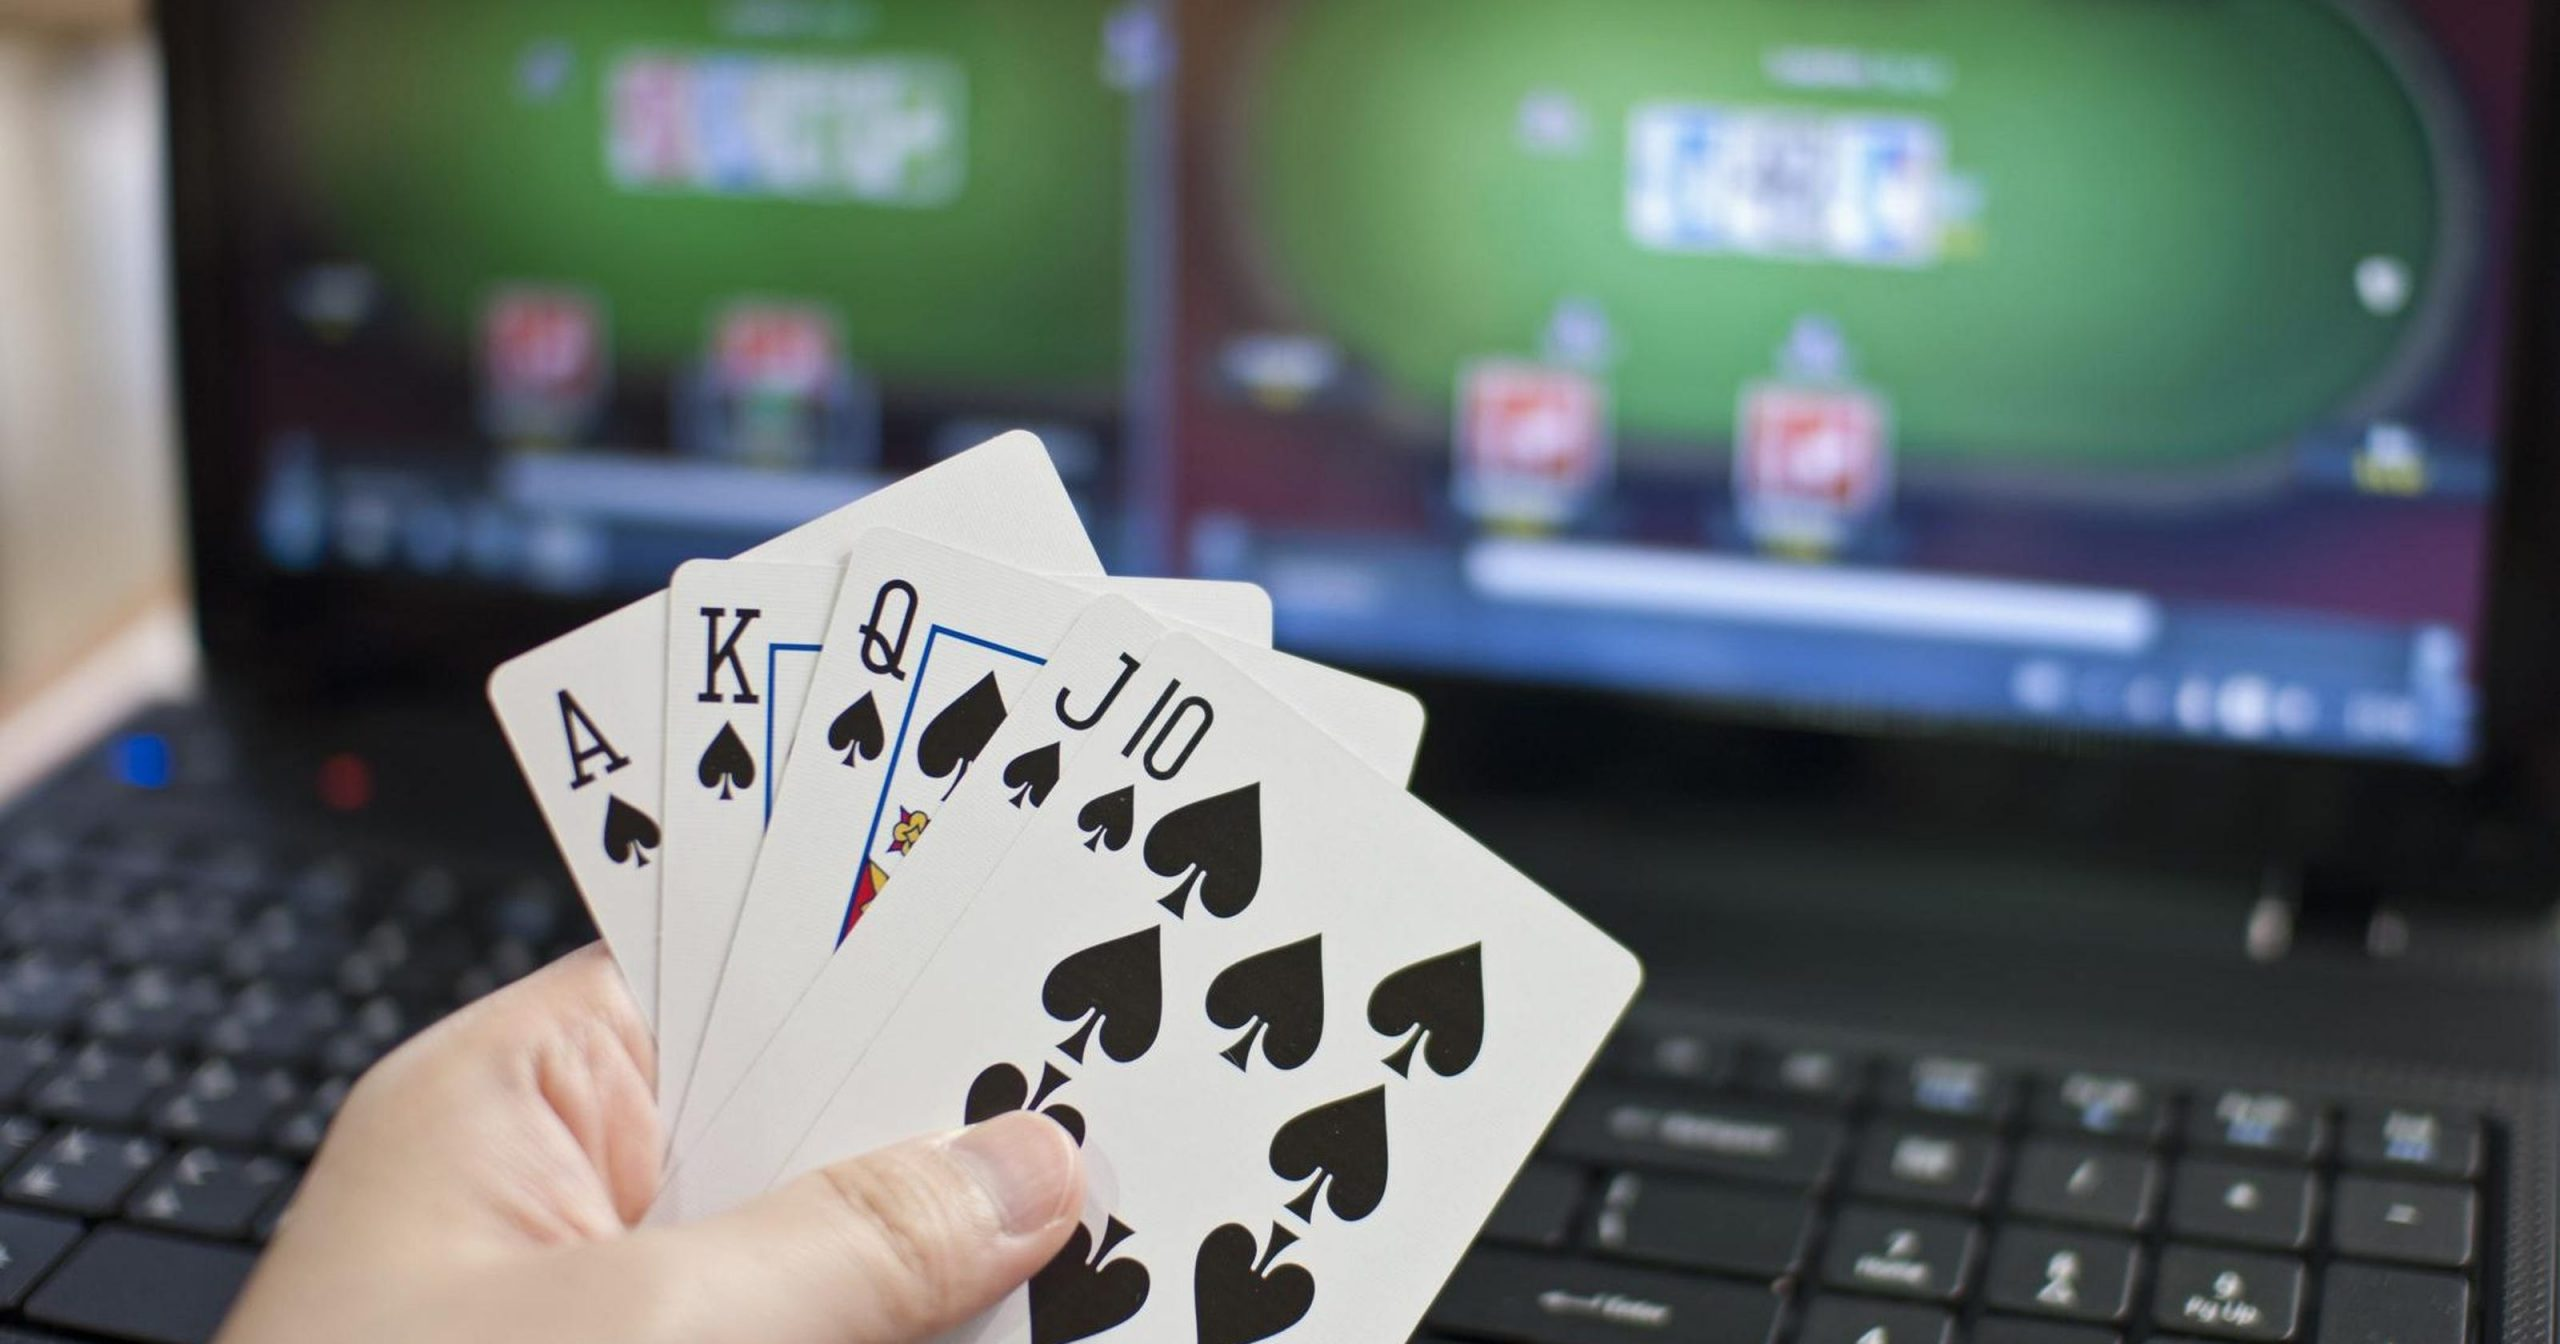 Nos critiques de casino en ligne vous permettront de trouver un site de jeux en argent réel qui répond véritablement à vos attentes et à vos besoins.Longuement testés par nos experts, les sites de notre sélection sont d'une qualité exceptionnelle, et vous pouvez vous y inscrire les yeux fermés.